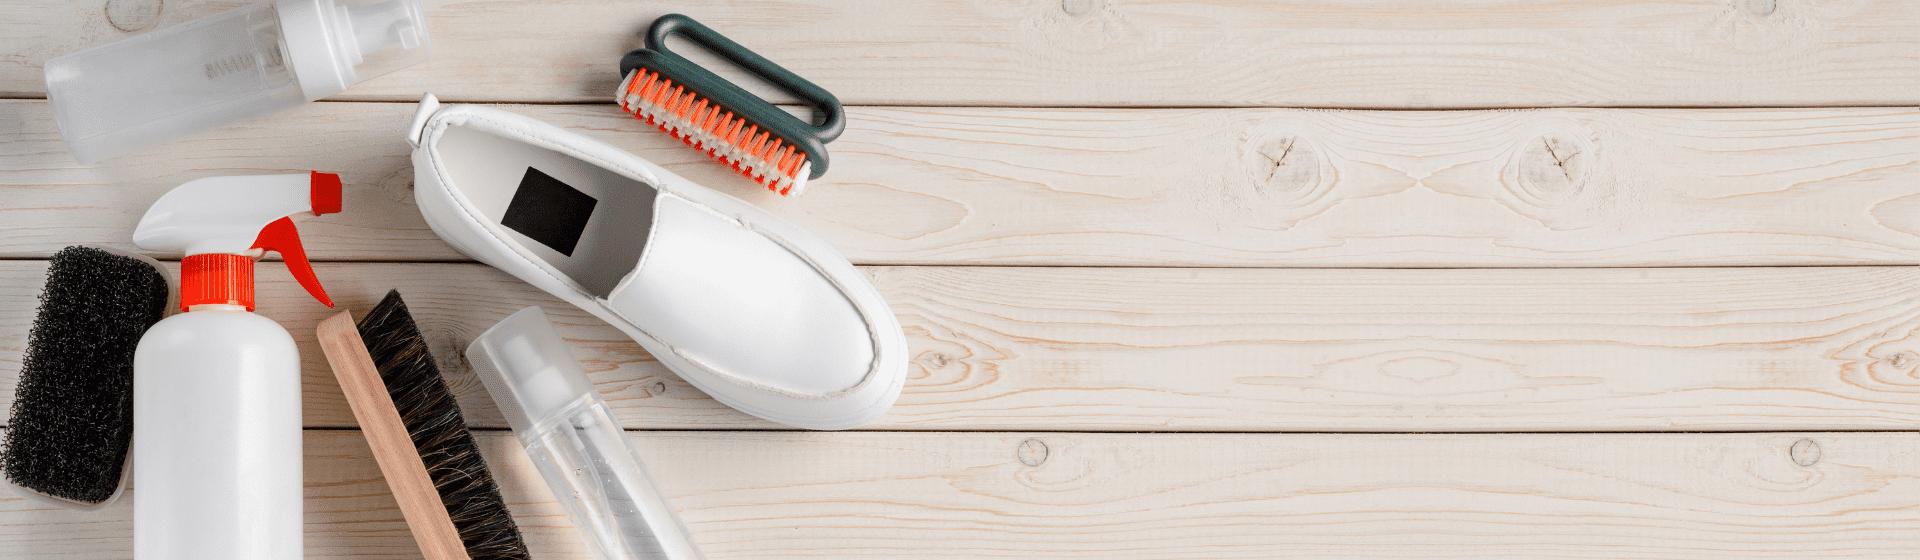 Como tirar amarelado de tênis branco?